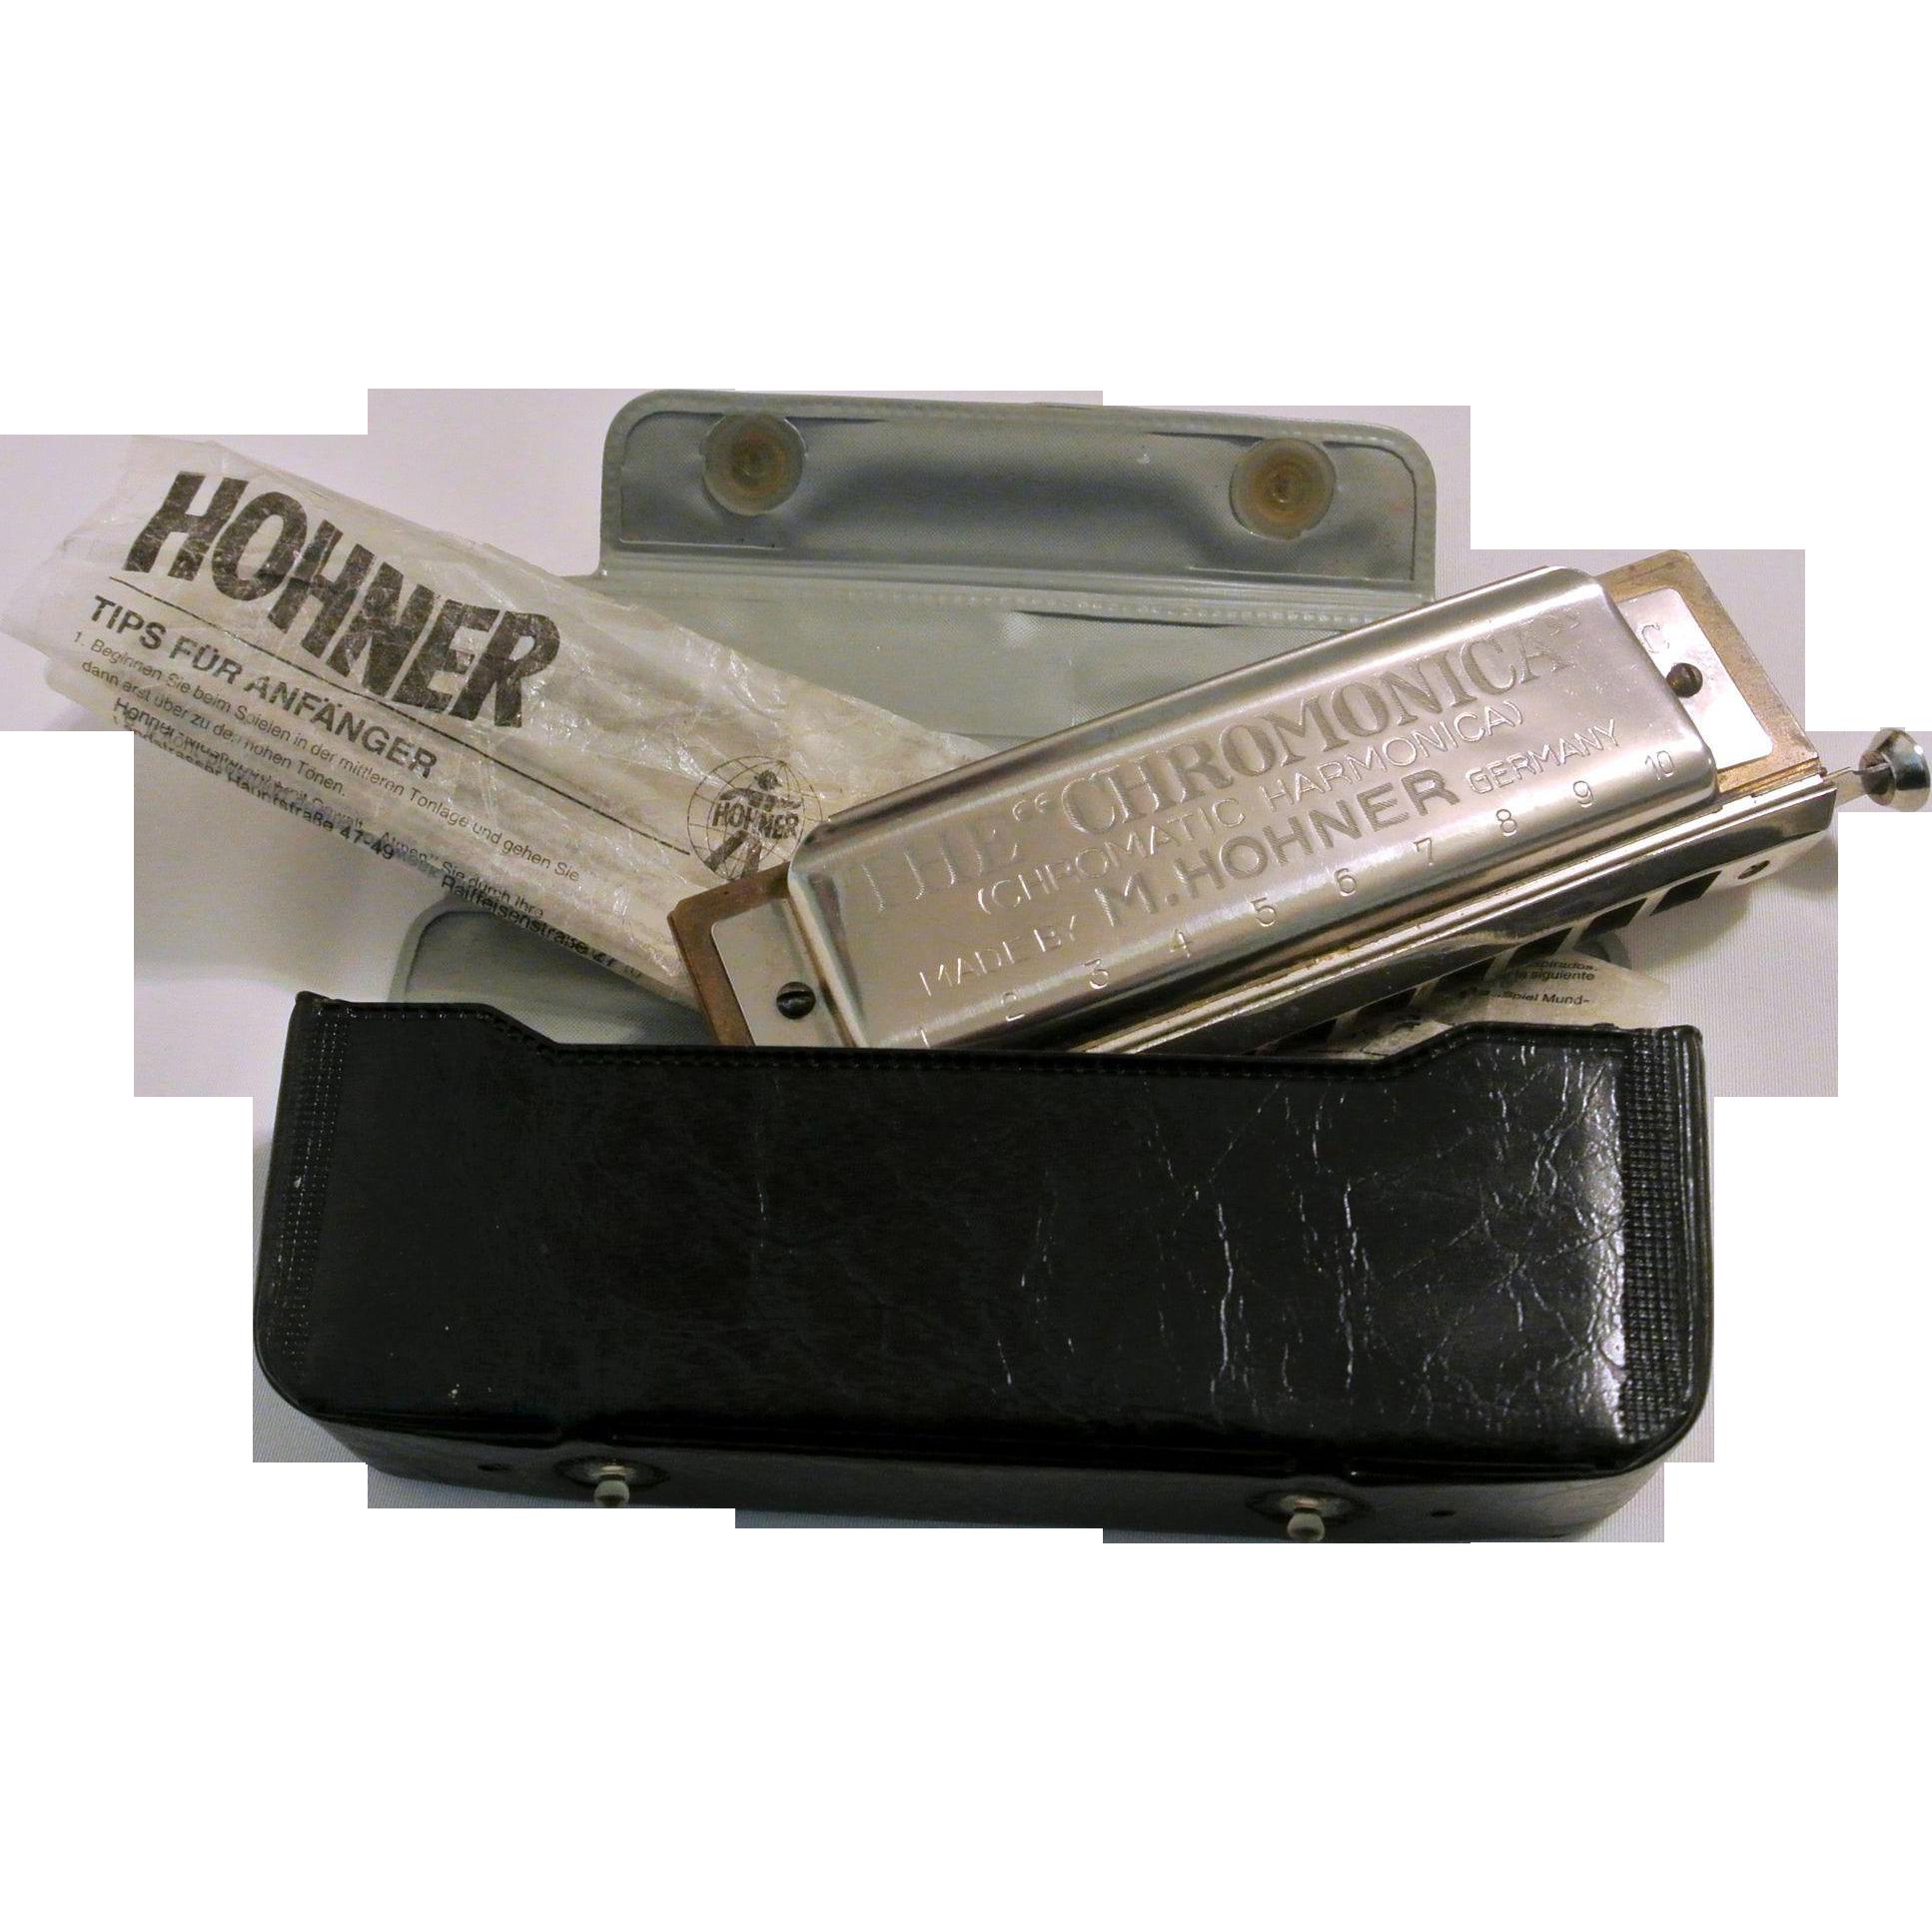 Vintage Hohner 59